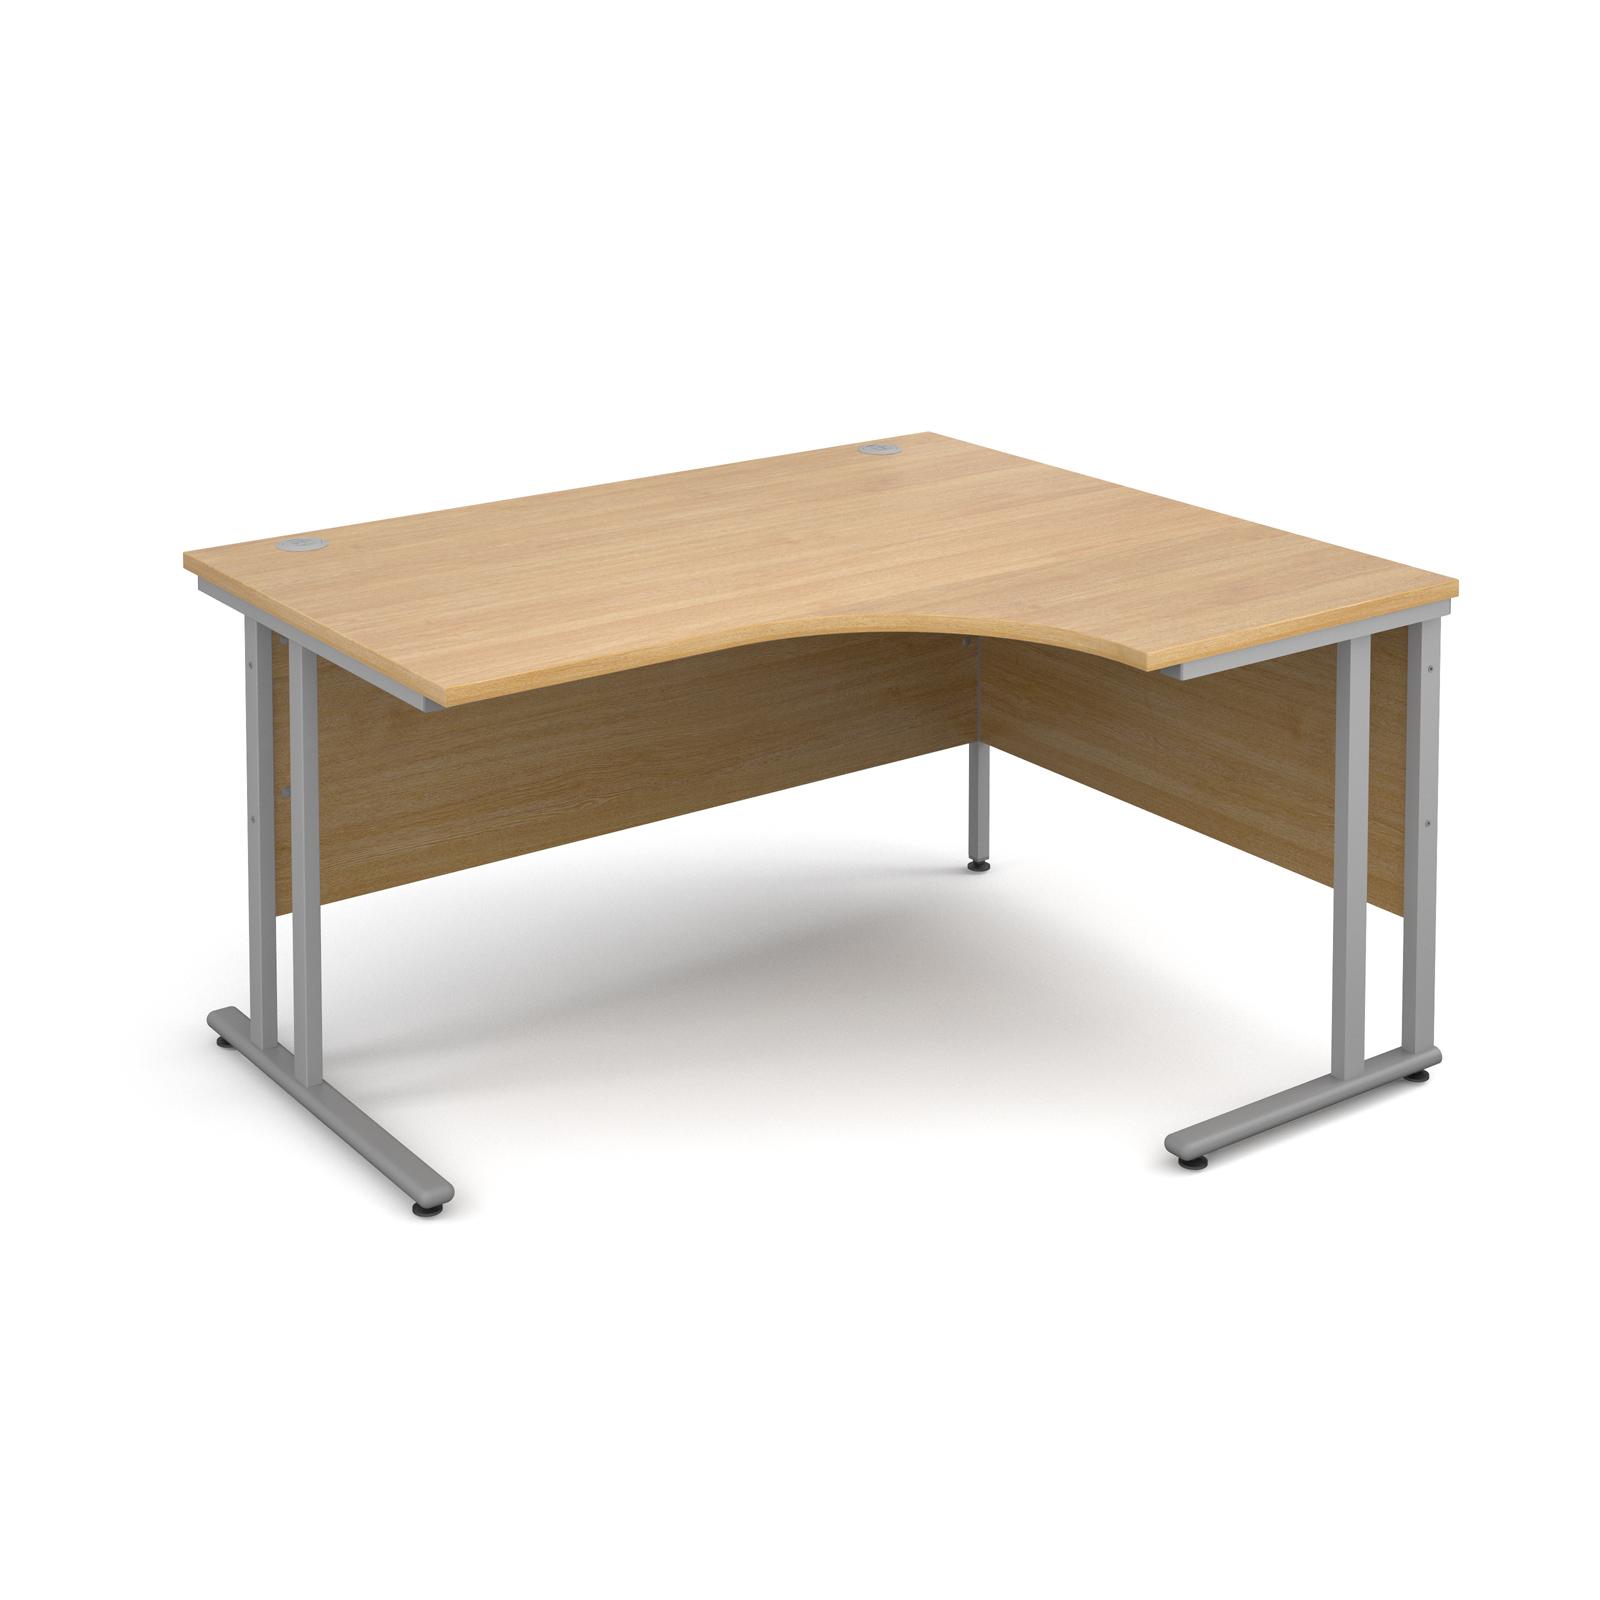 Maestro 25 SL right hand ergonomic desk 1400mm - silver cantilever frame, oak top